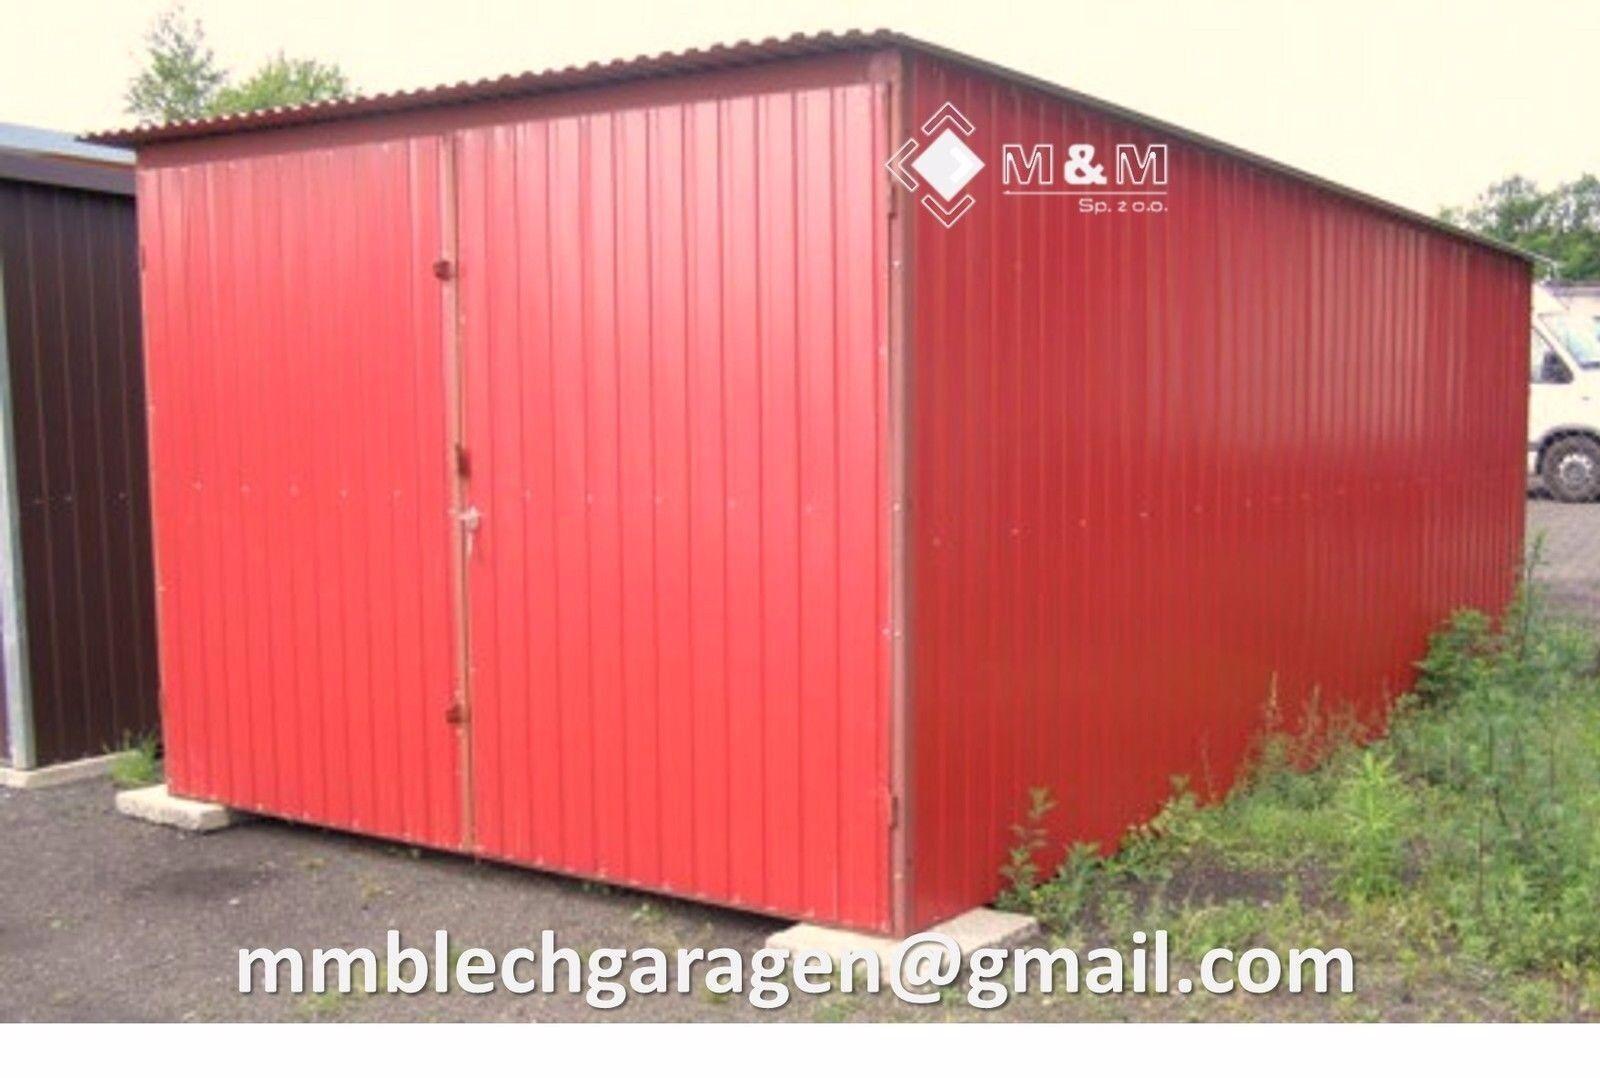 Lagerhalle 2,5x6m in Farbe ROT Blechgarage Garage Fertiggarage Metallgarage